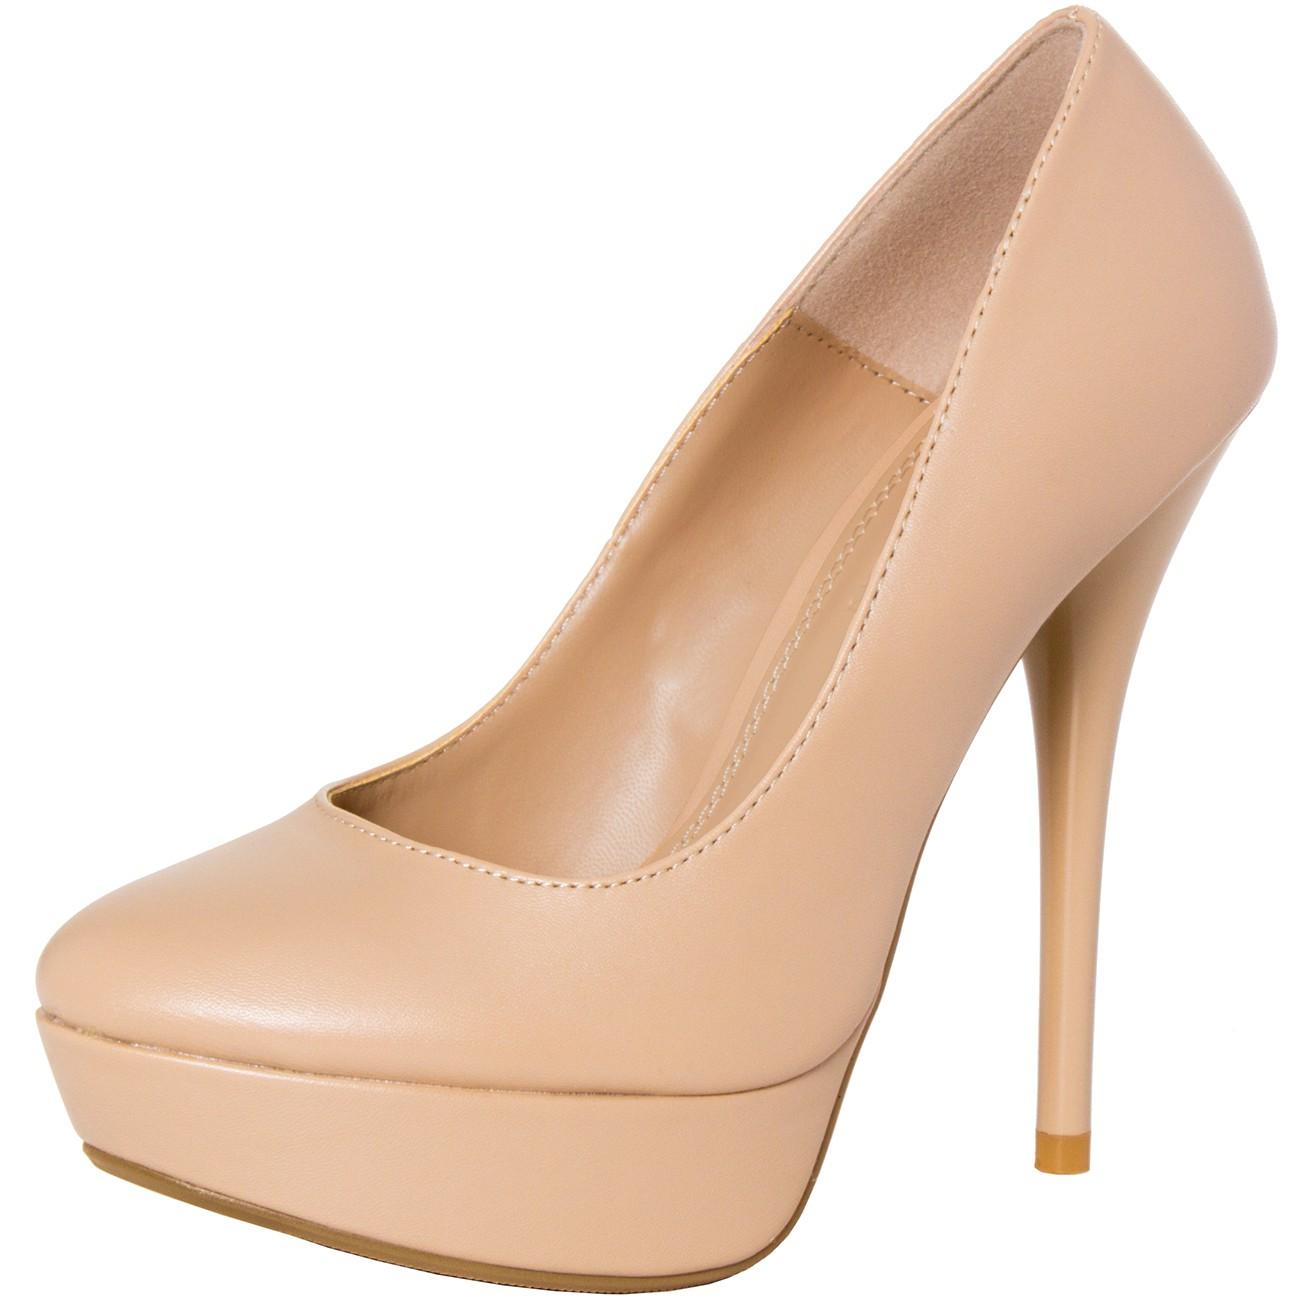 caspar damen high heels pumps mit plateau absatz und. Black Bedroom Furniture Sets. Home Design Ideas